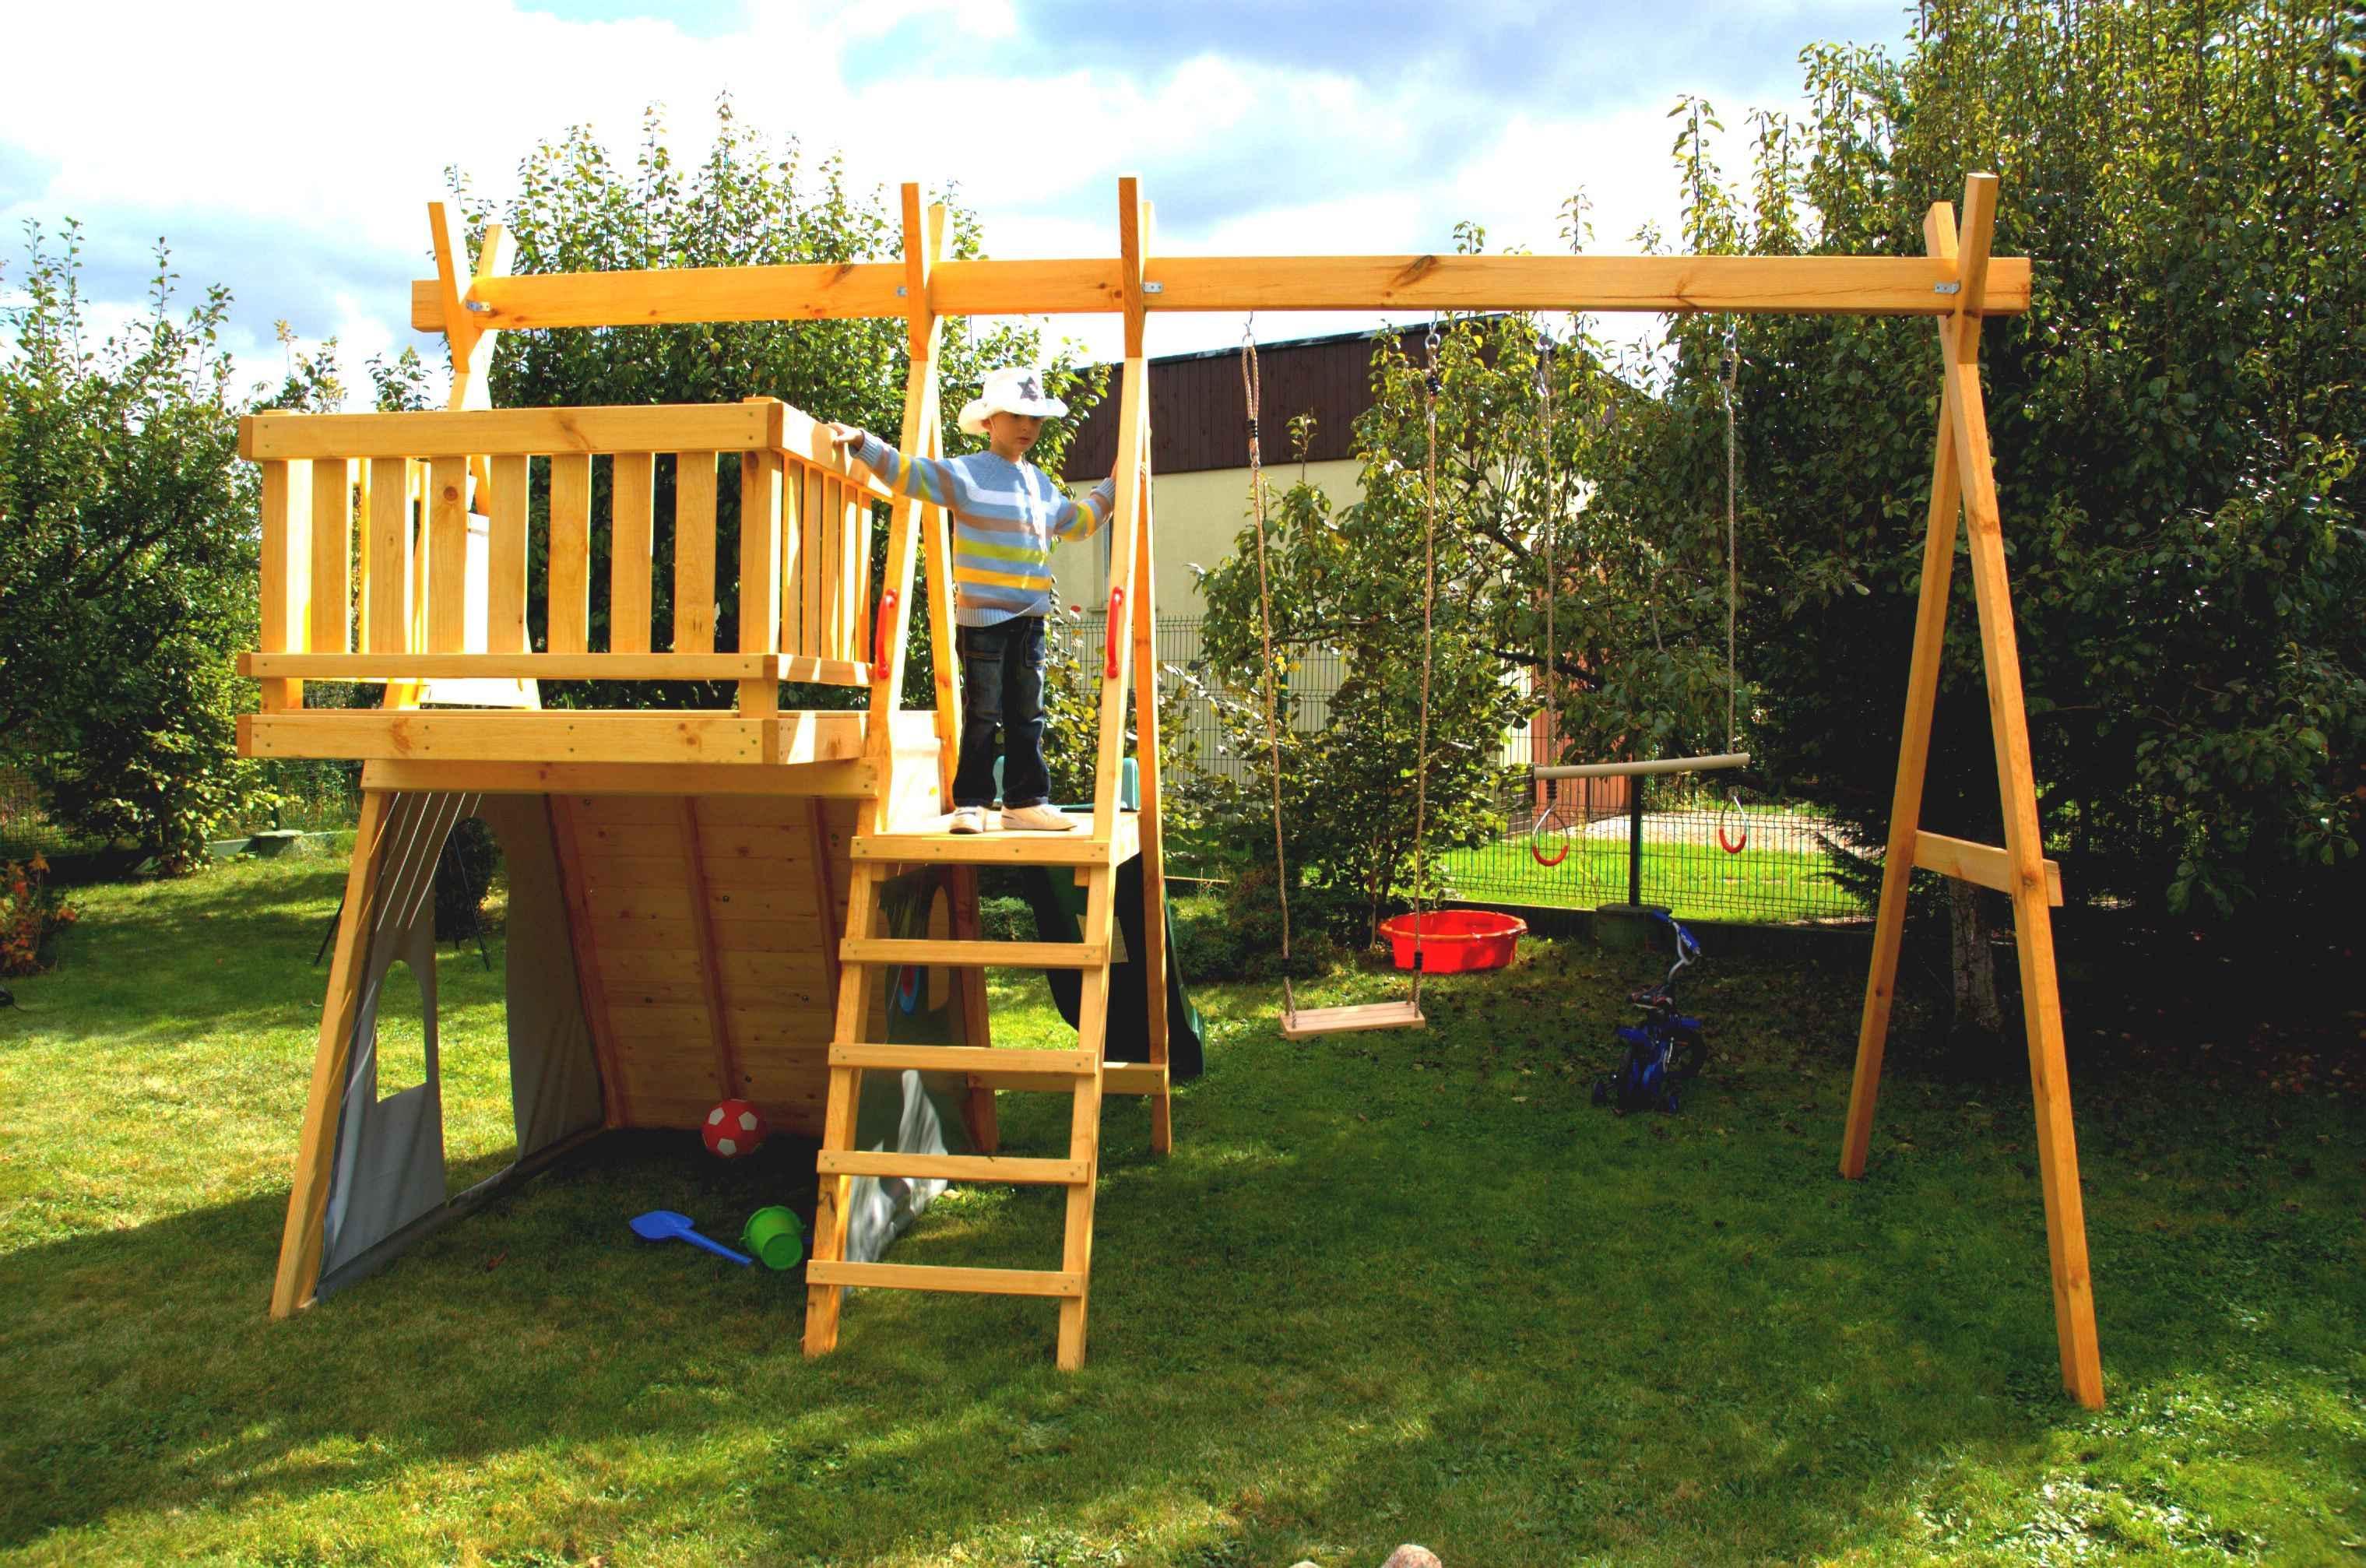 cabane pour enfants epic a picea abies bois blancs. Black Bedroom Furniture Sets. Home Design Ideas